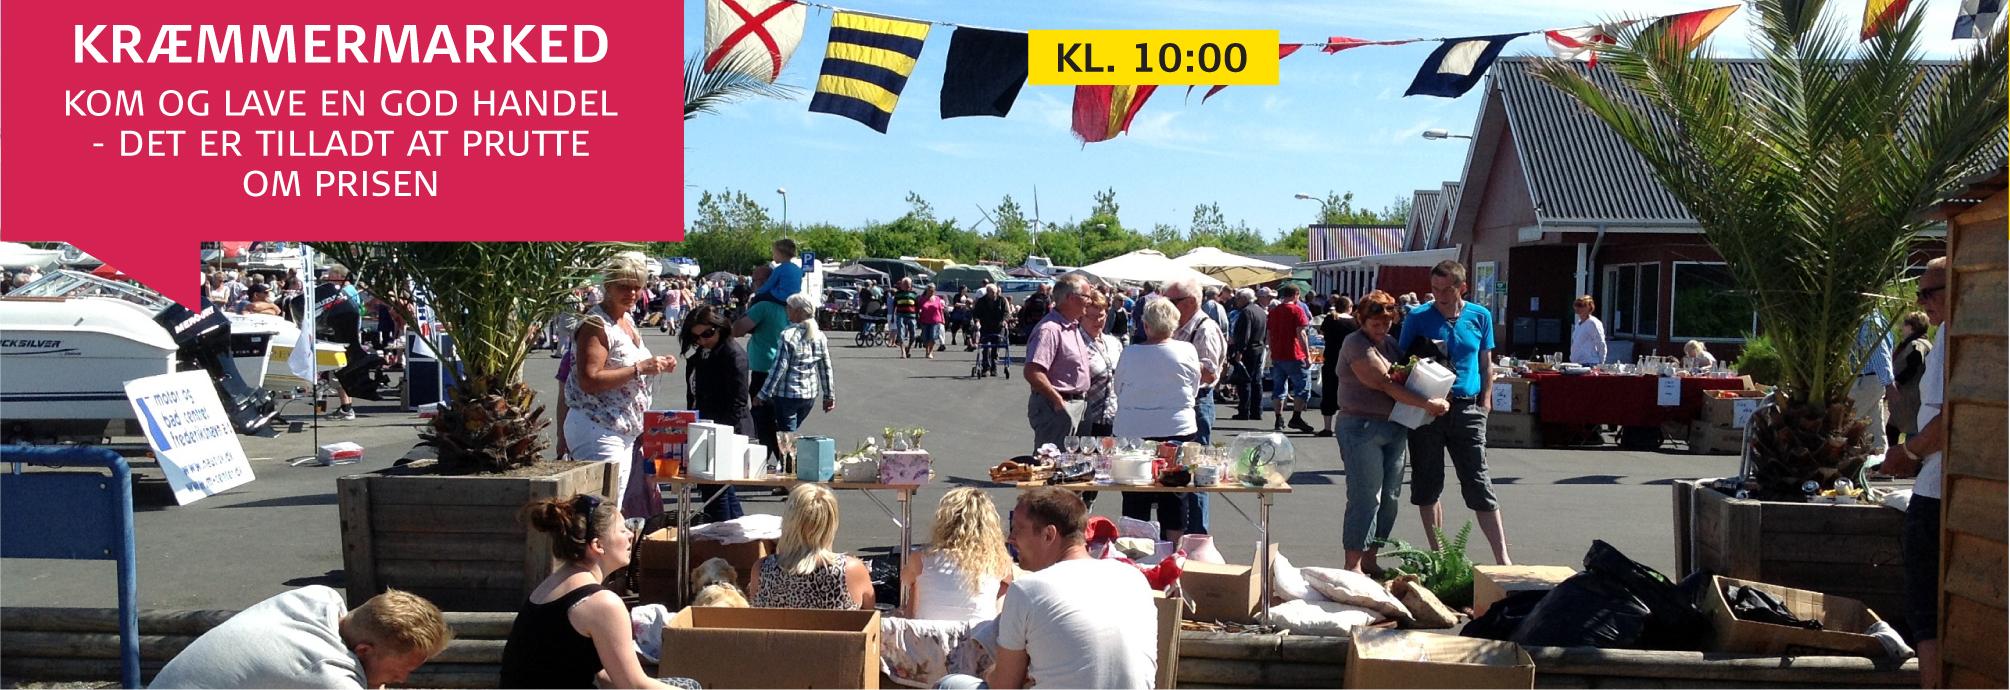 KRÆMMERMARKED - image Kræmmermarked on https://www.vildmedvand.dk